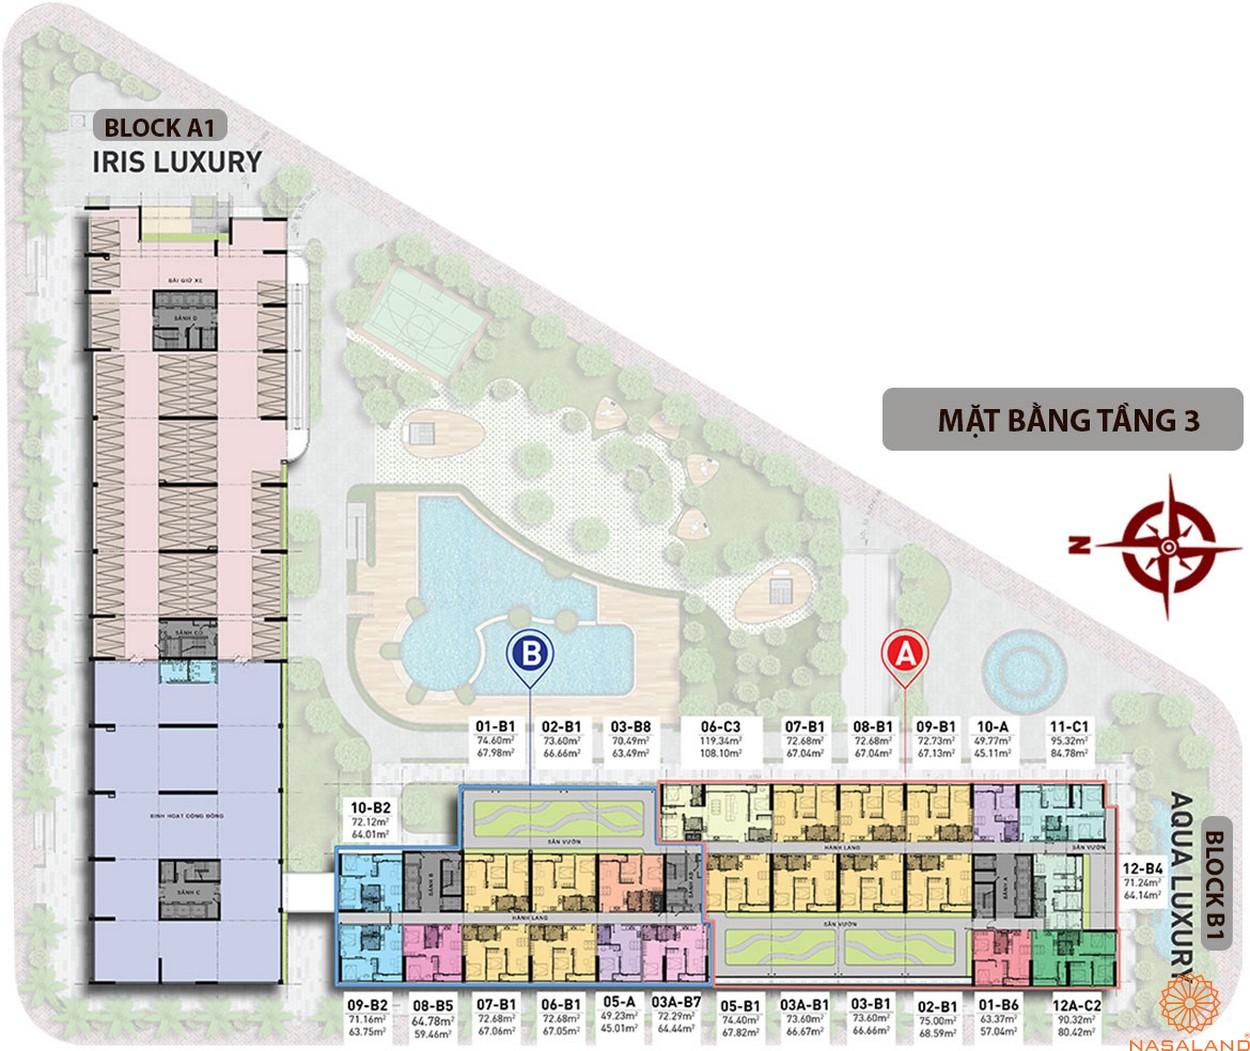 Mặt bằng chi tiết tầng 3 căn hộ Charmington Iris 2020